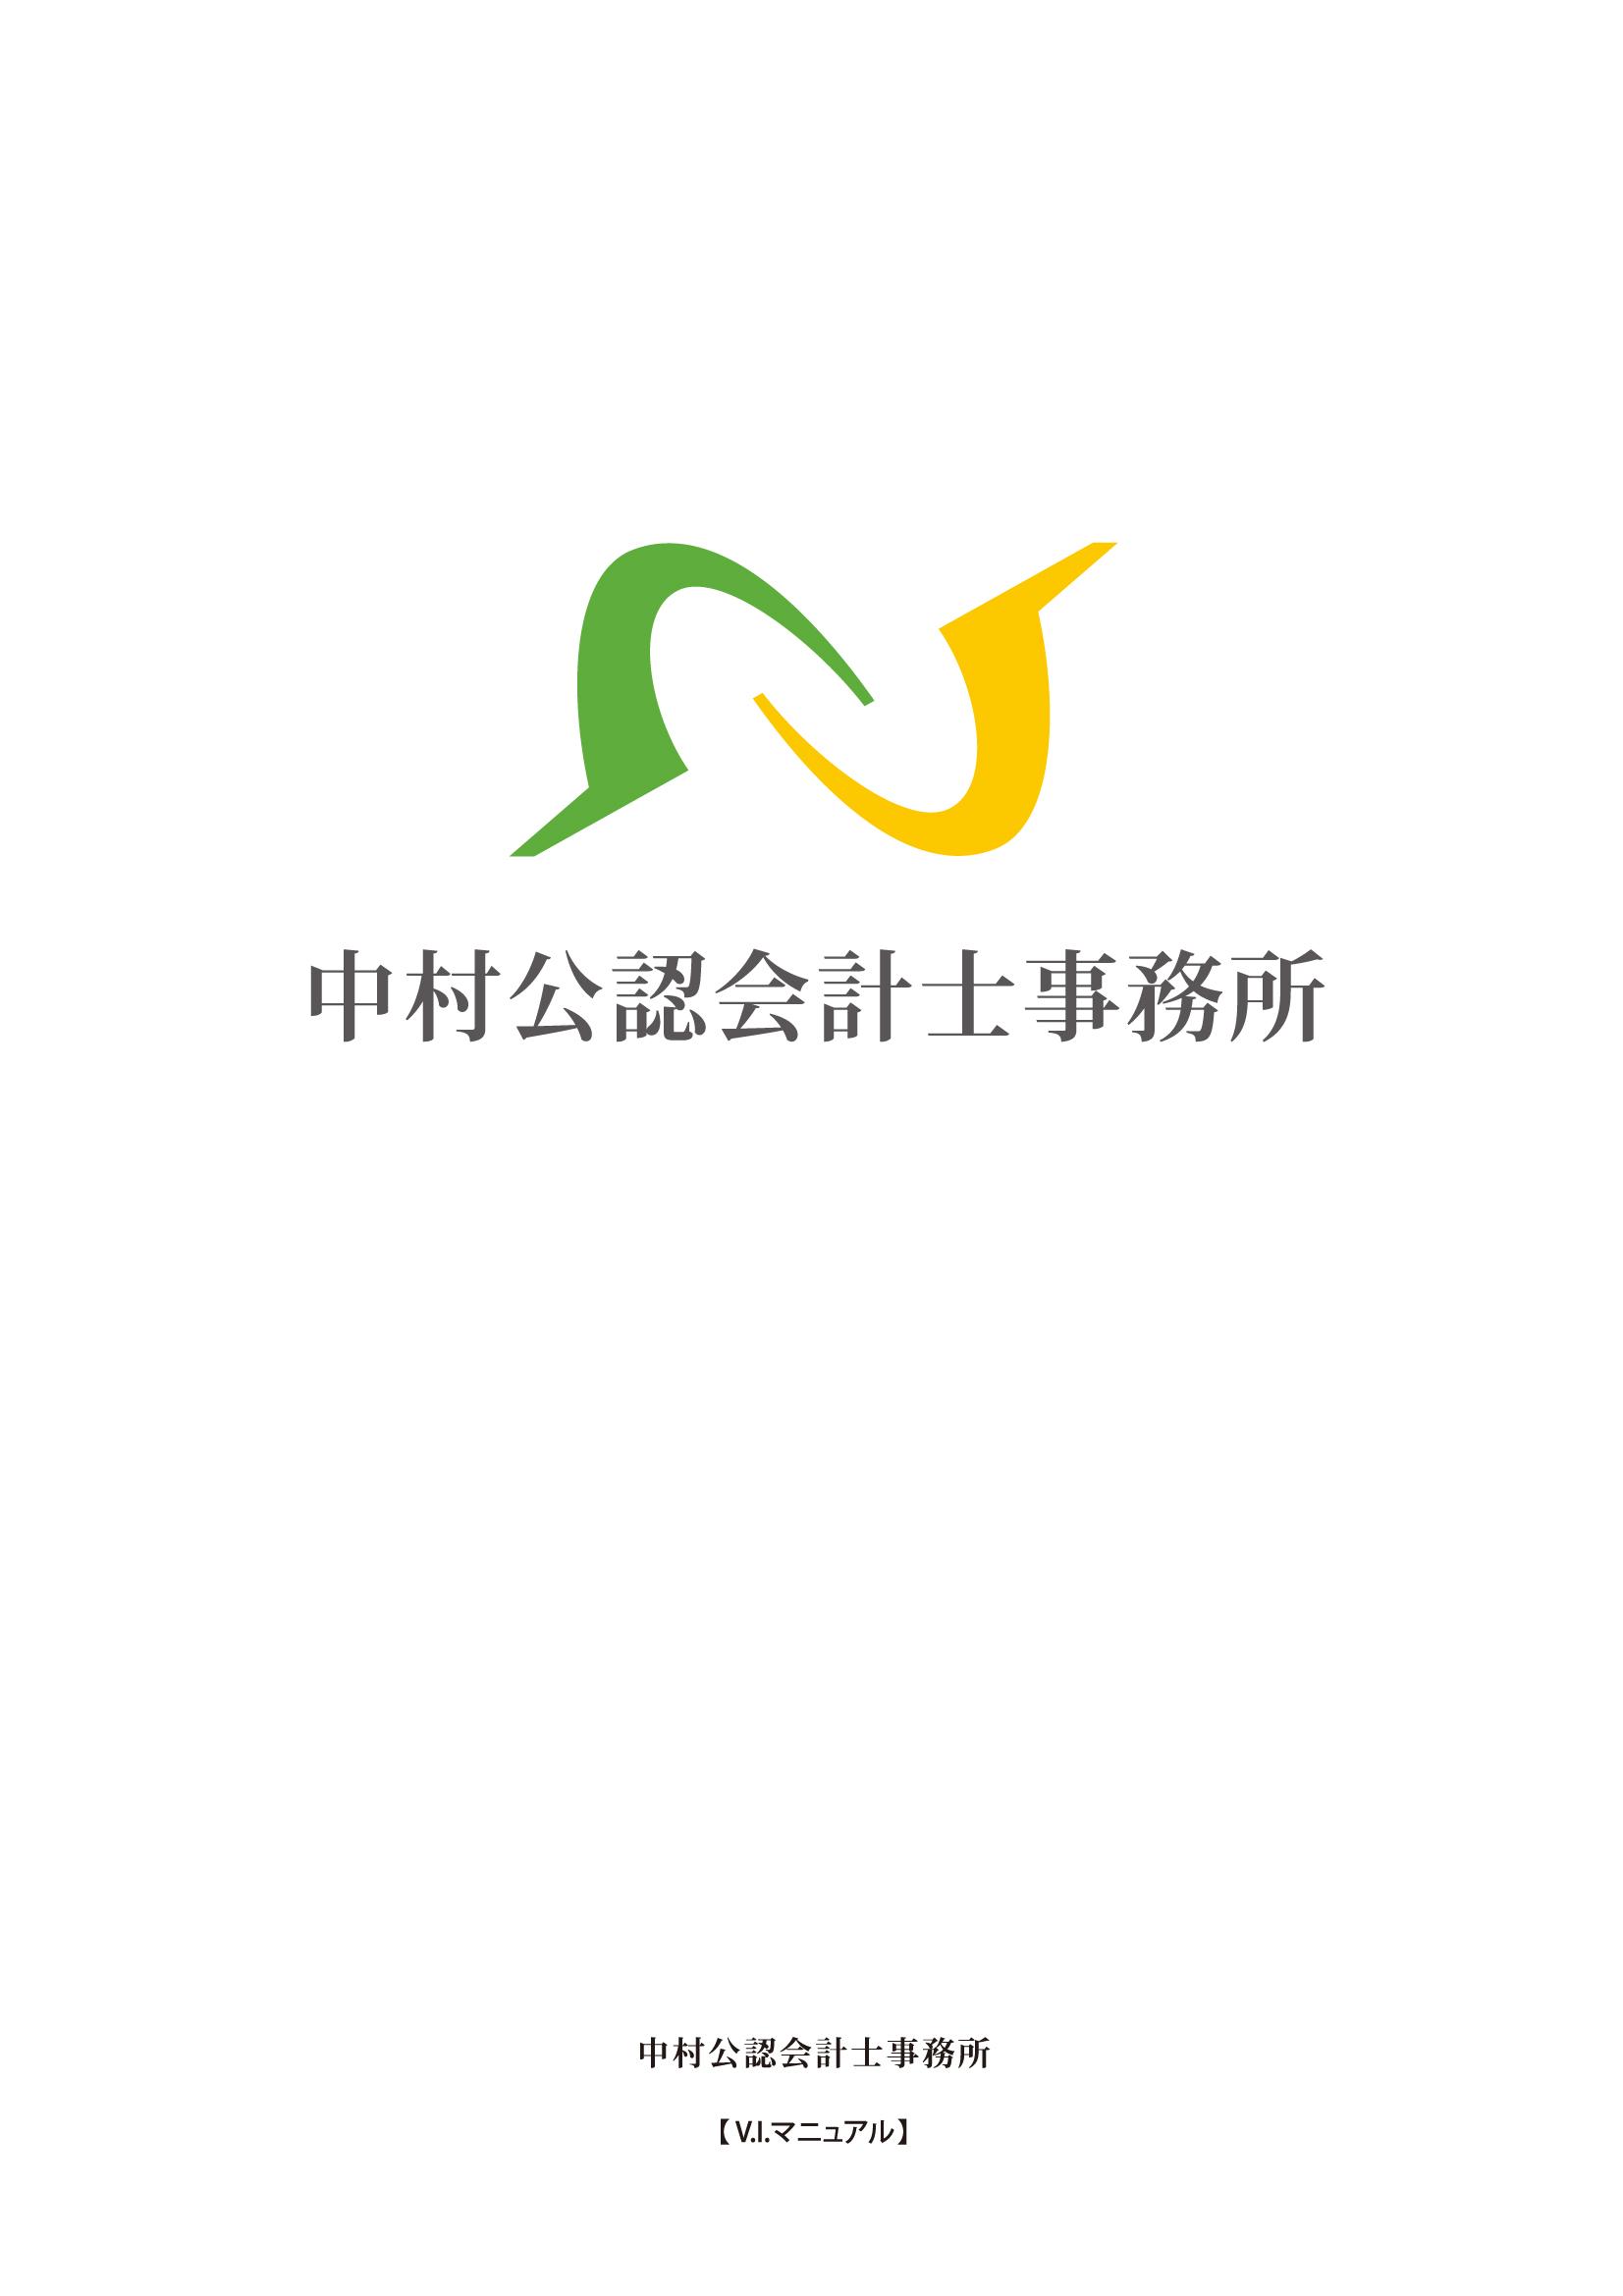 ロゴ/シンボルマーク VIマニュアル